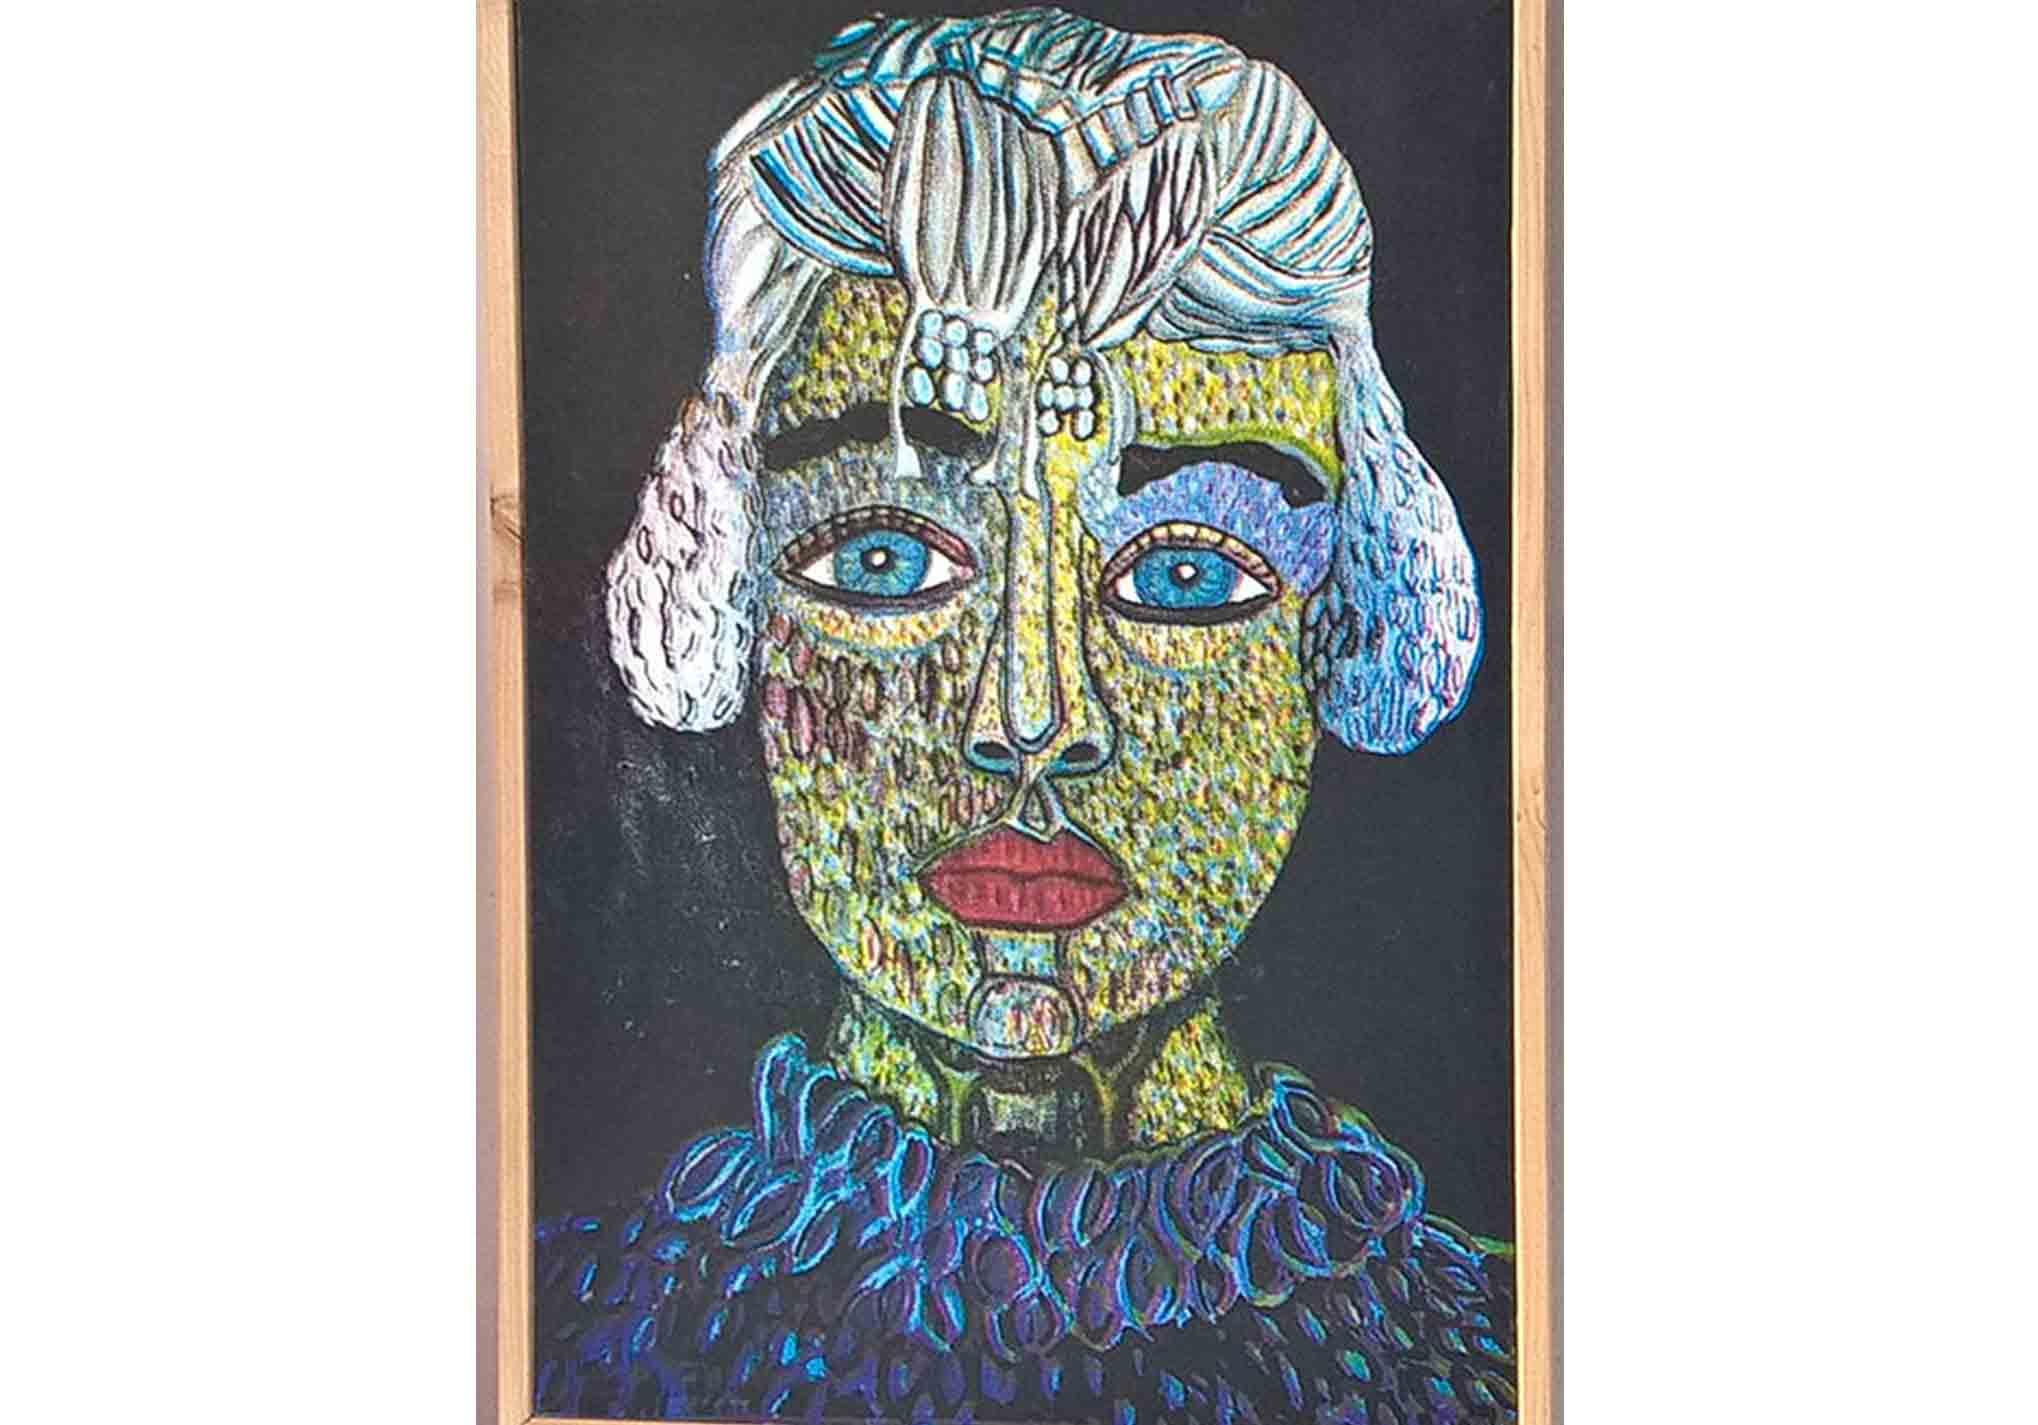 Ann-Kristin-Fleischhauer-Kopf-blauer-Pulli-Mt-Galerie